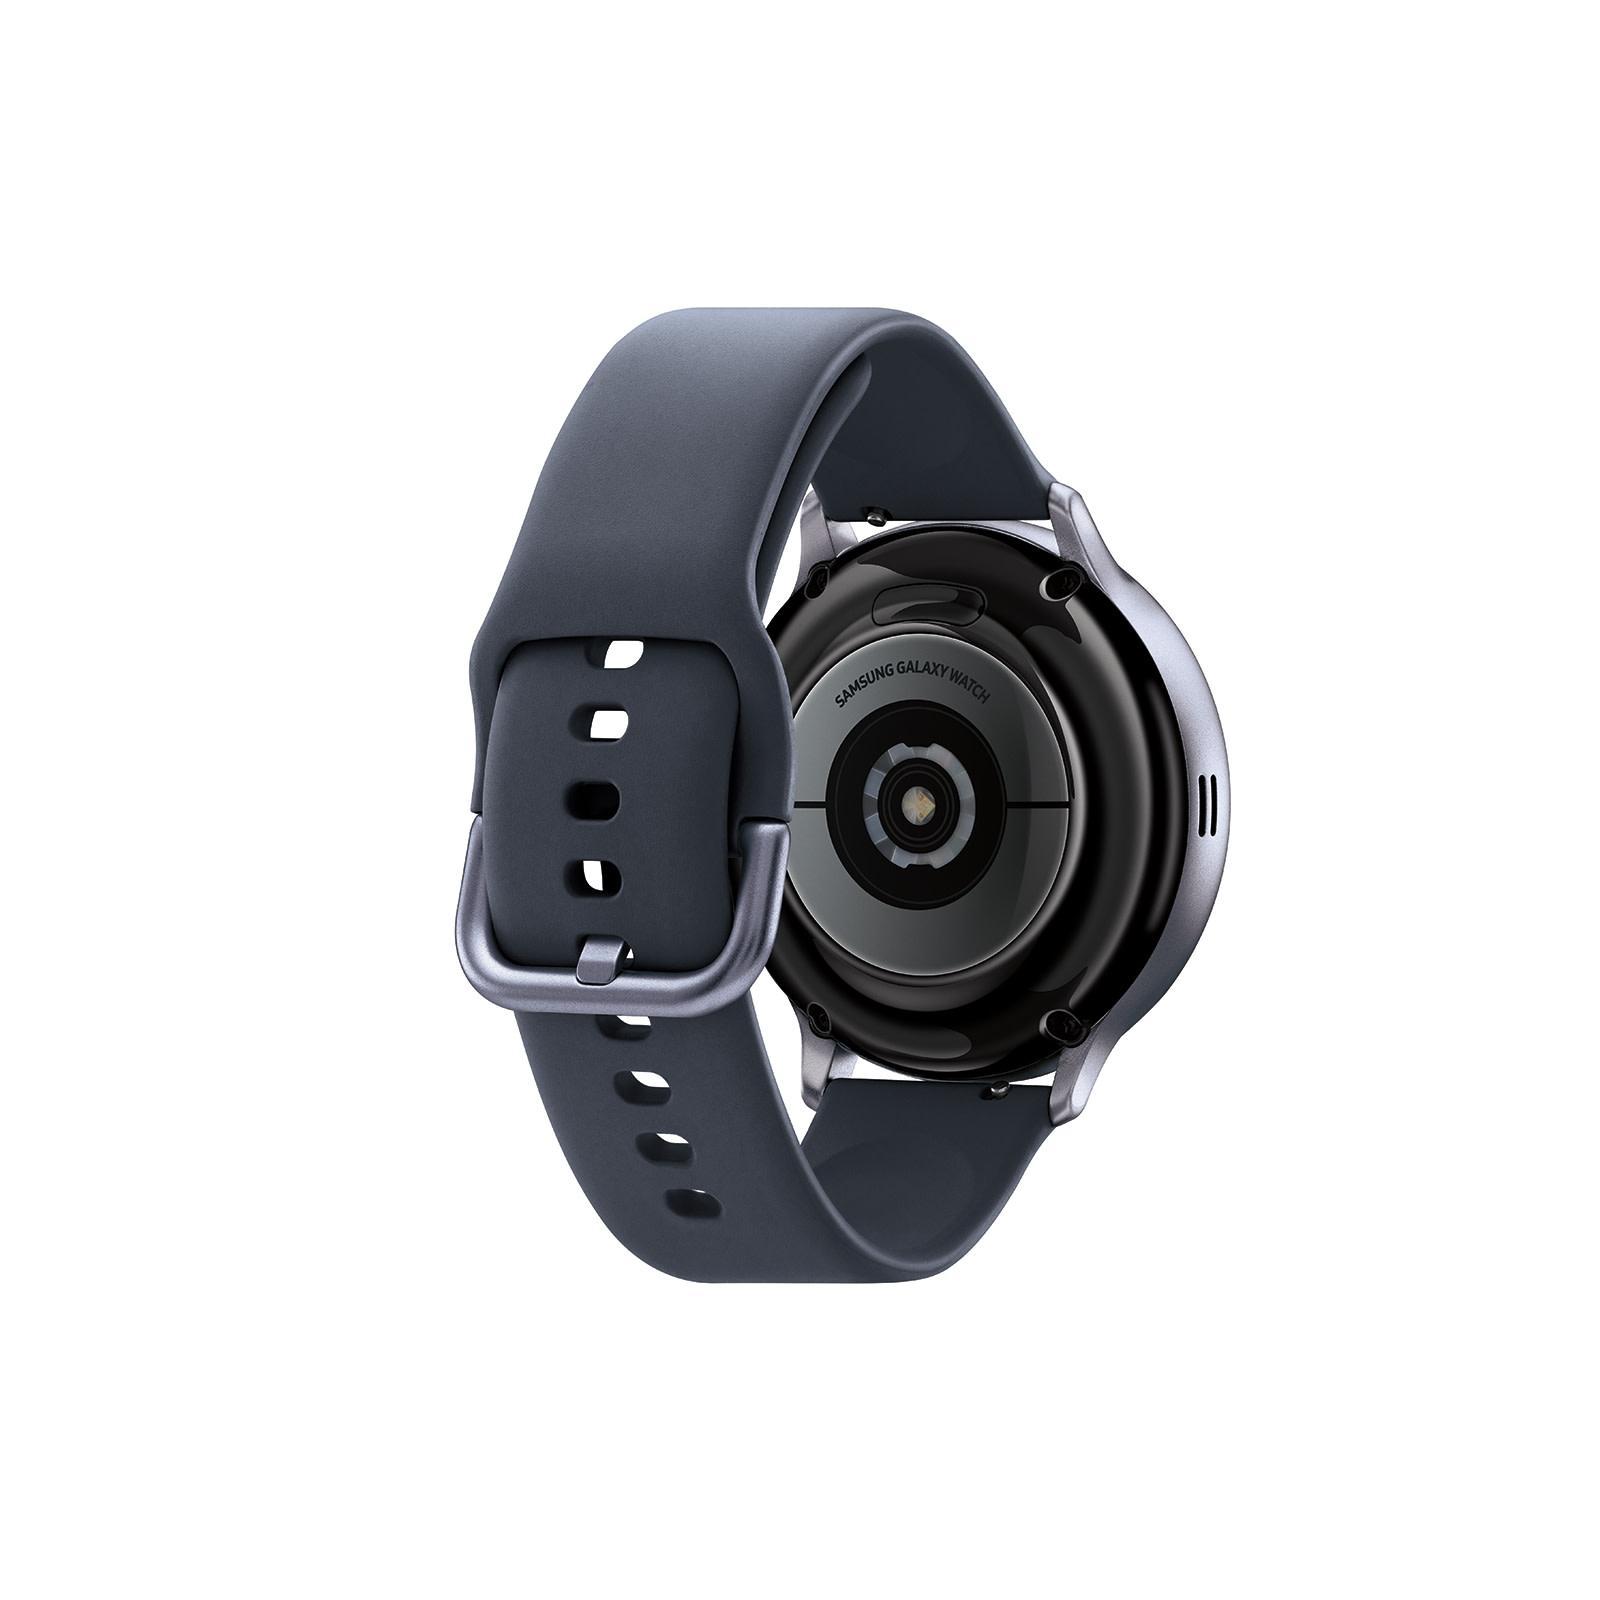 Samsung Smart Watch Galaxy Watch Active2 SM-R820 HR GPS - Black